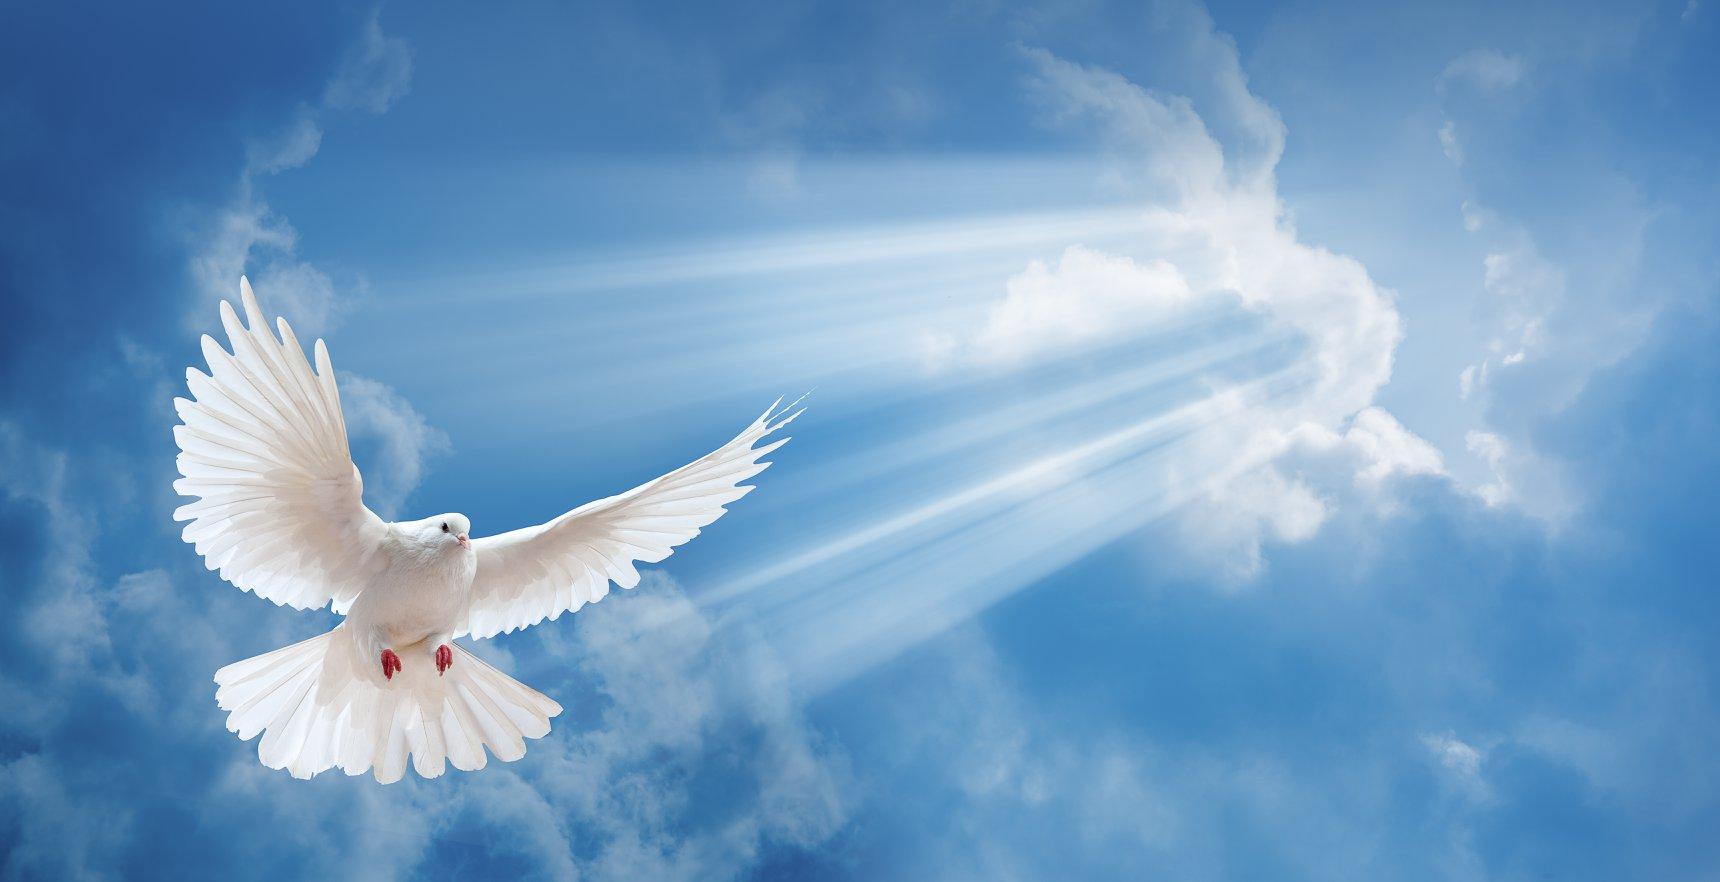 صور حمام ابيض يرفرف في السماء 14 صور حمامه السلام